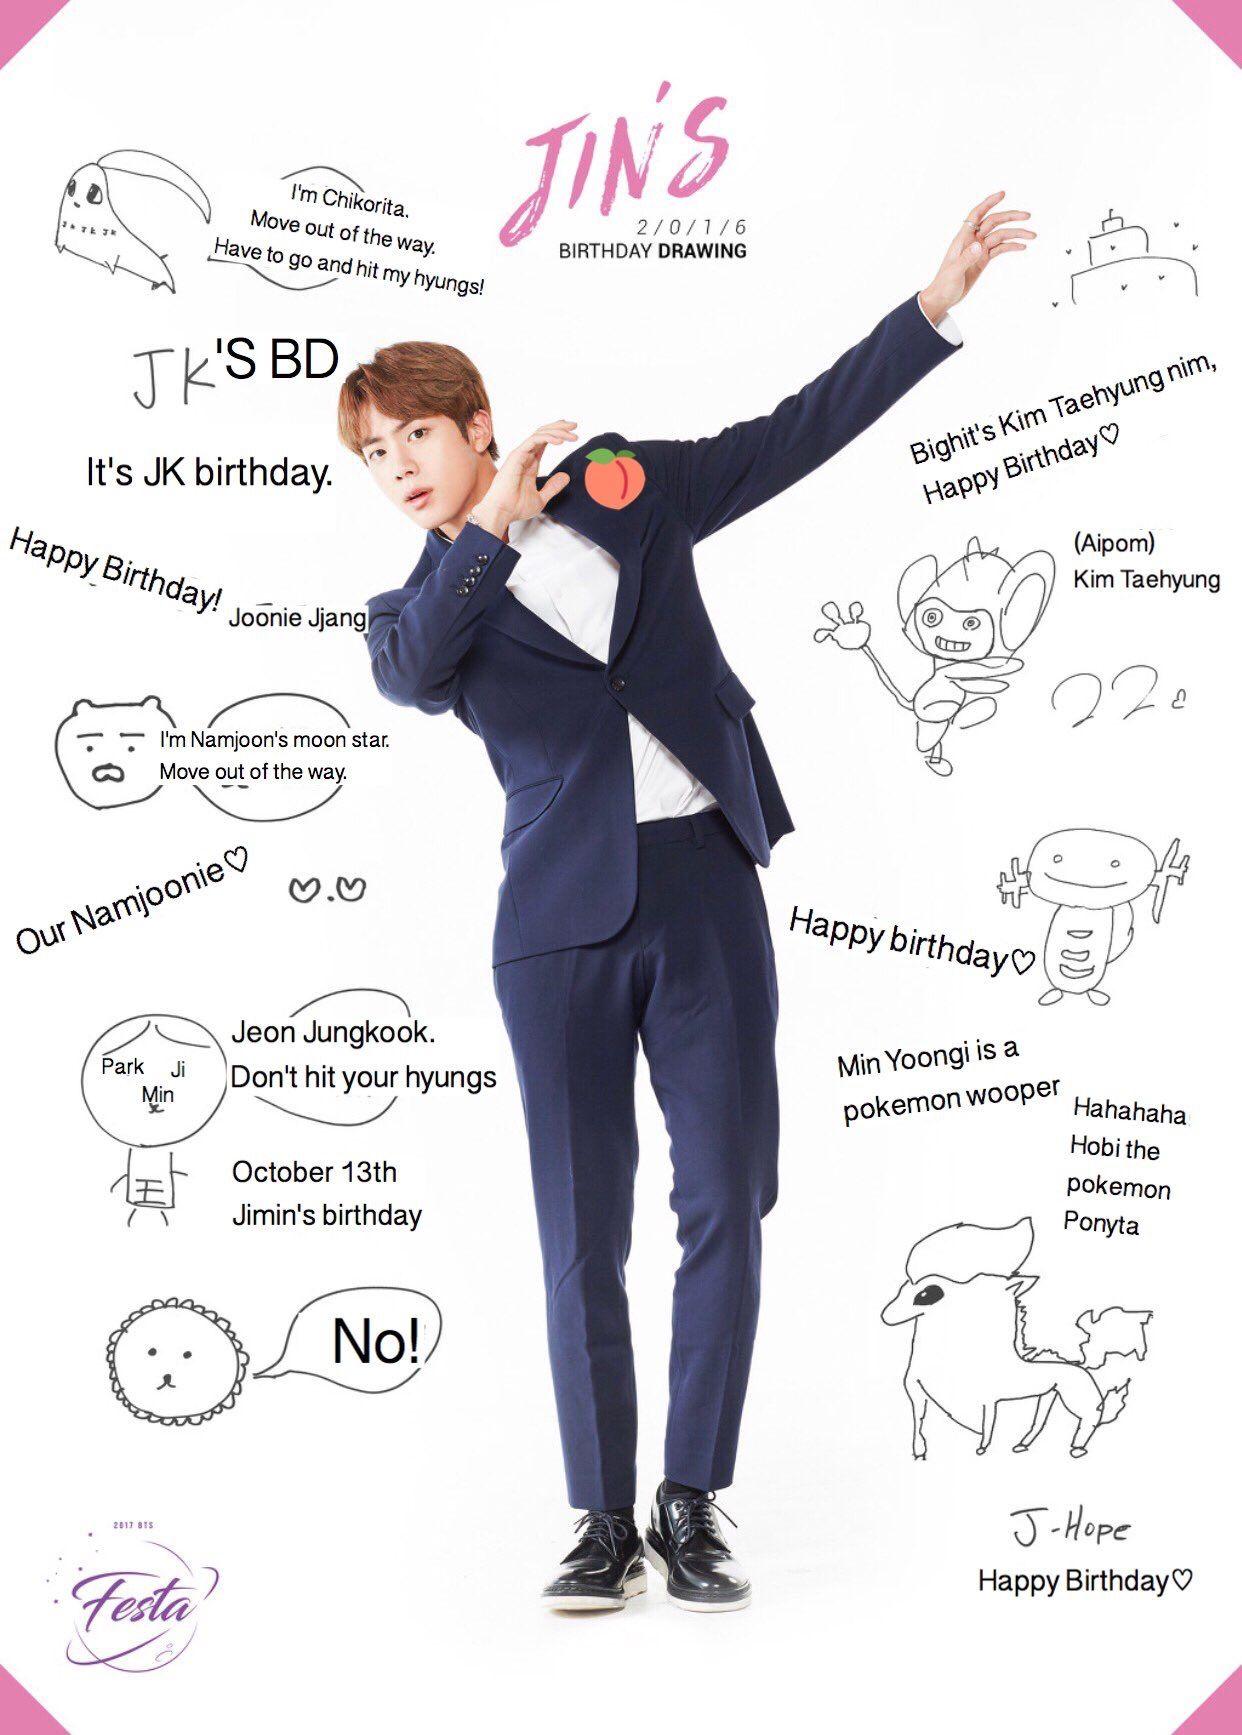 Jin's birthday wishes Bts jin, Bts birthdays, Jin